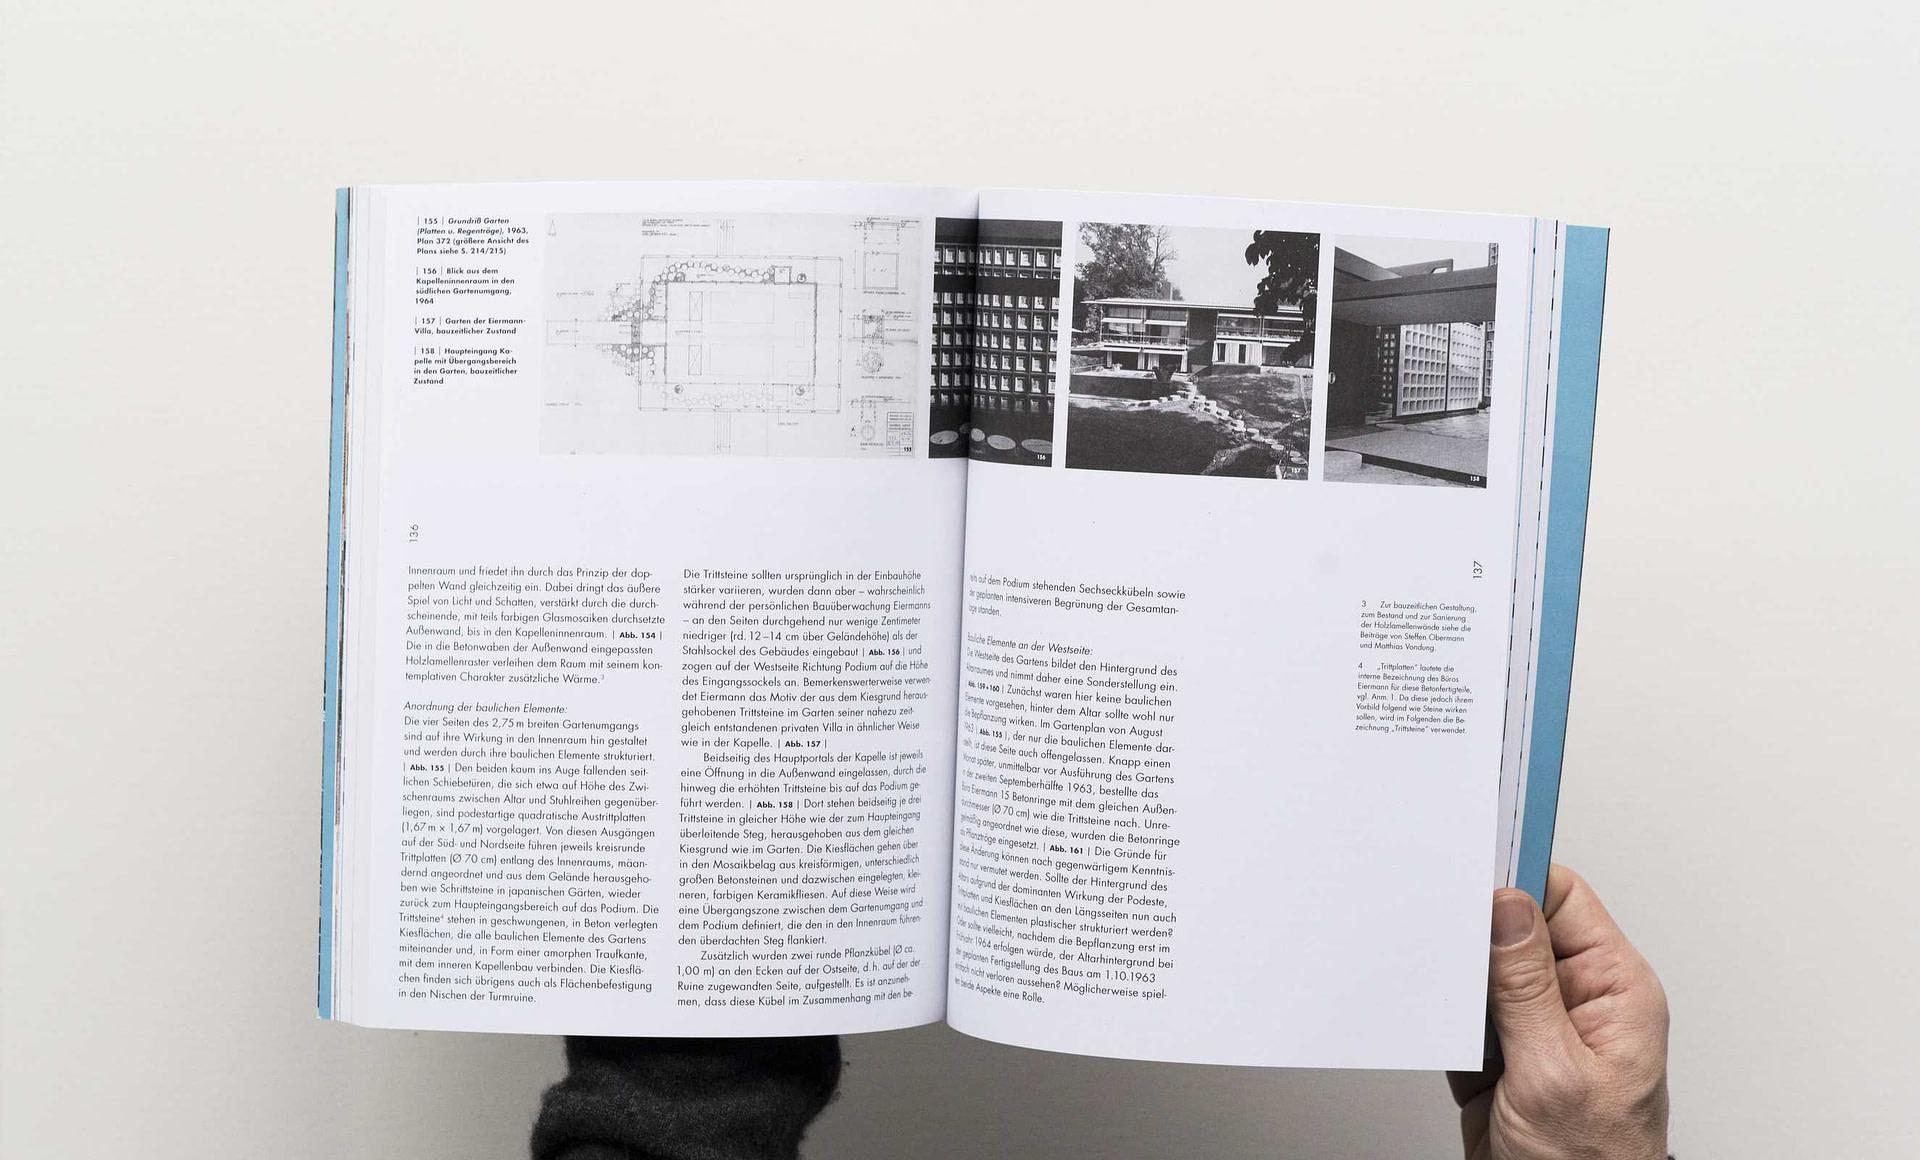 kaiser-wilhelm-memorial-church-book-15-2650x1600px